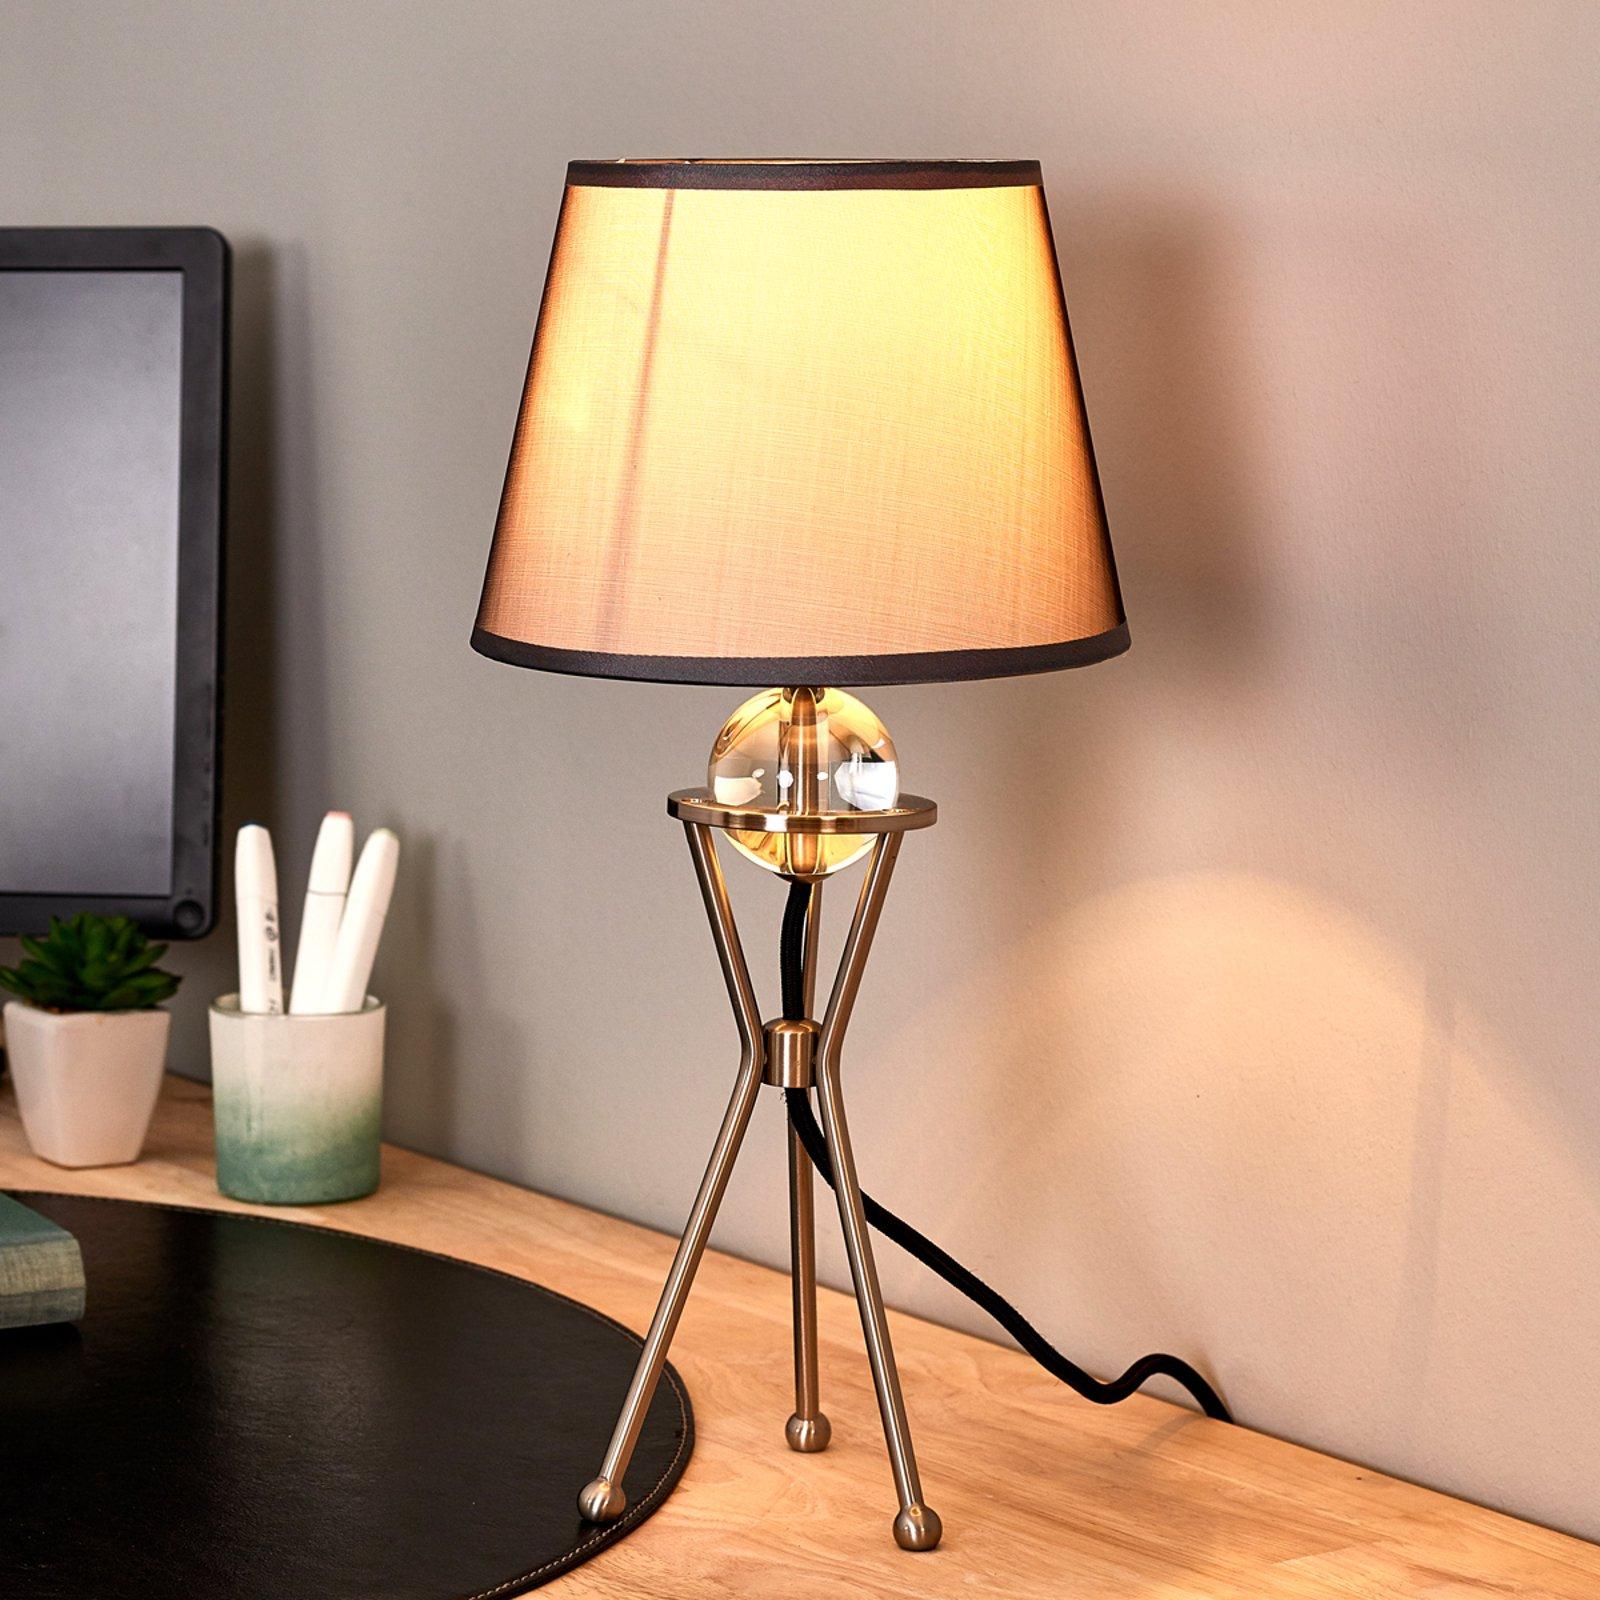 Svingbar Zsa bordlampe i grått